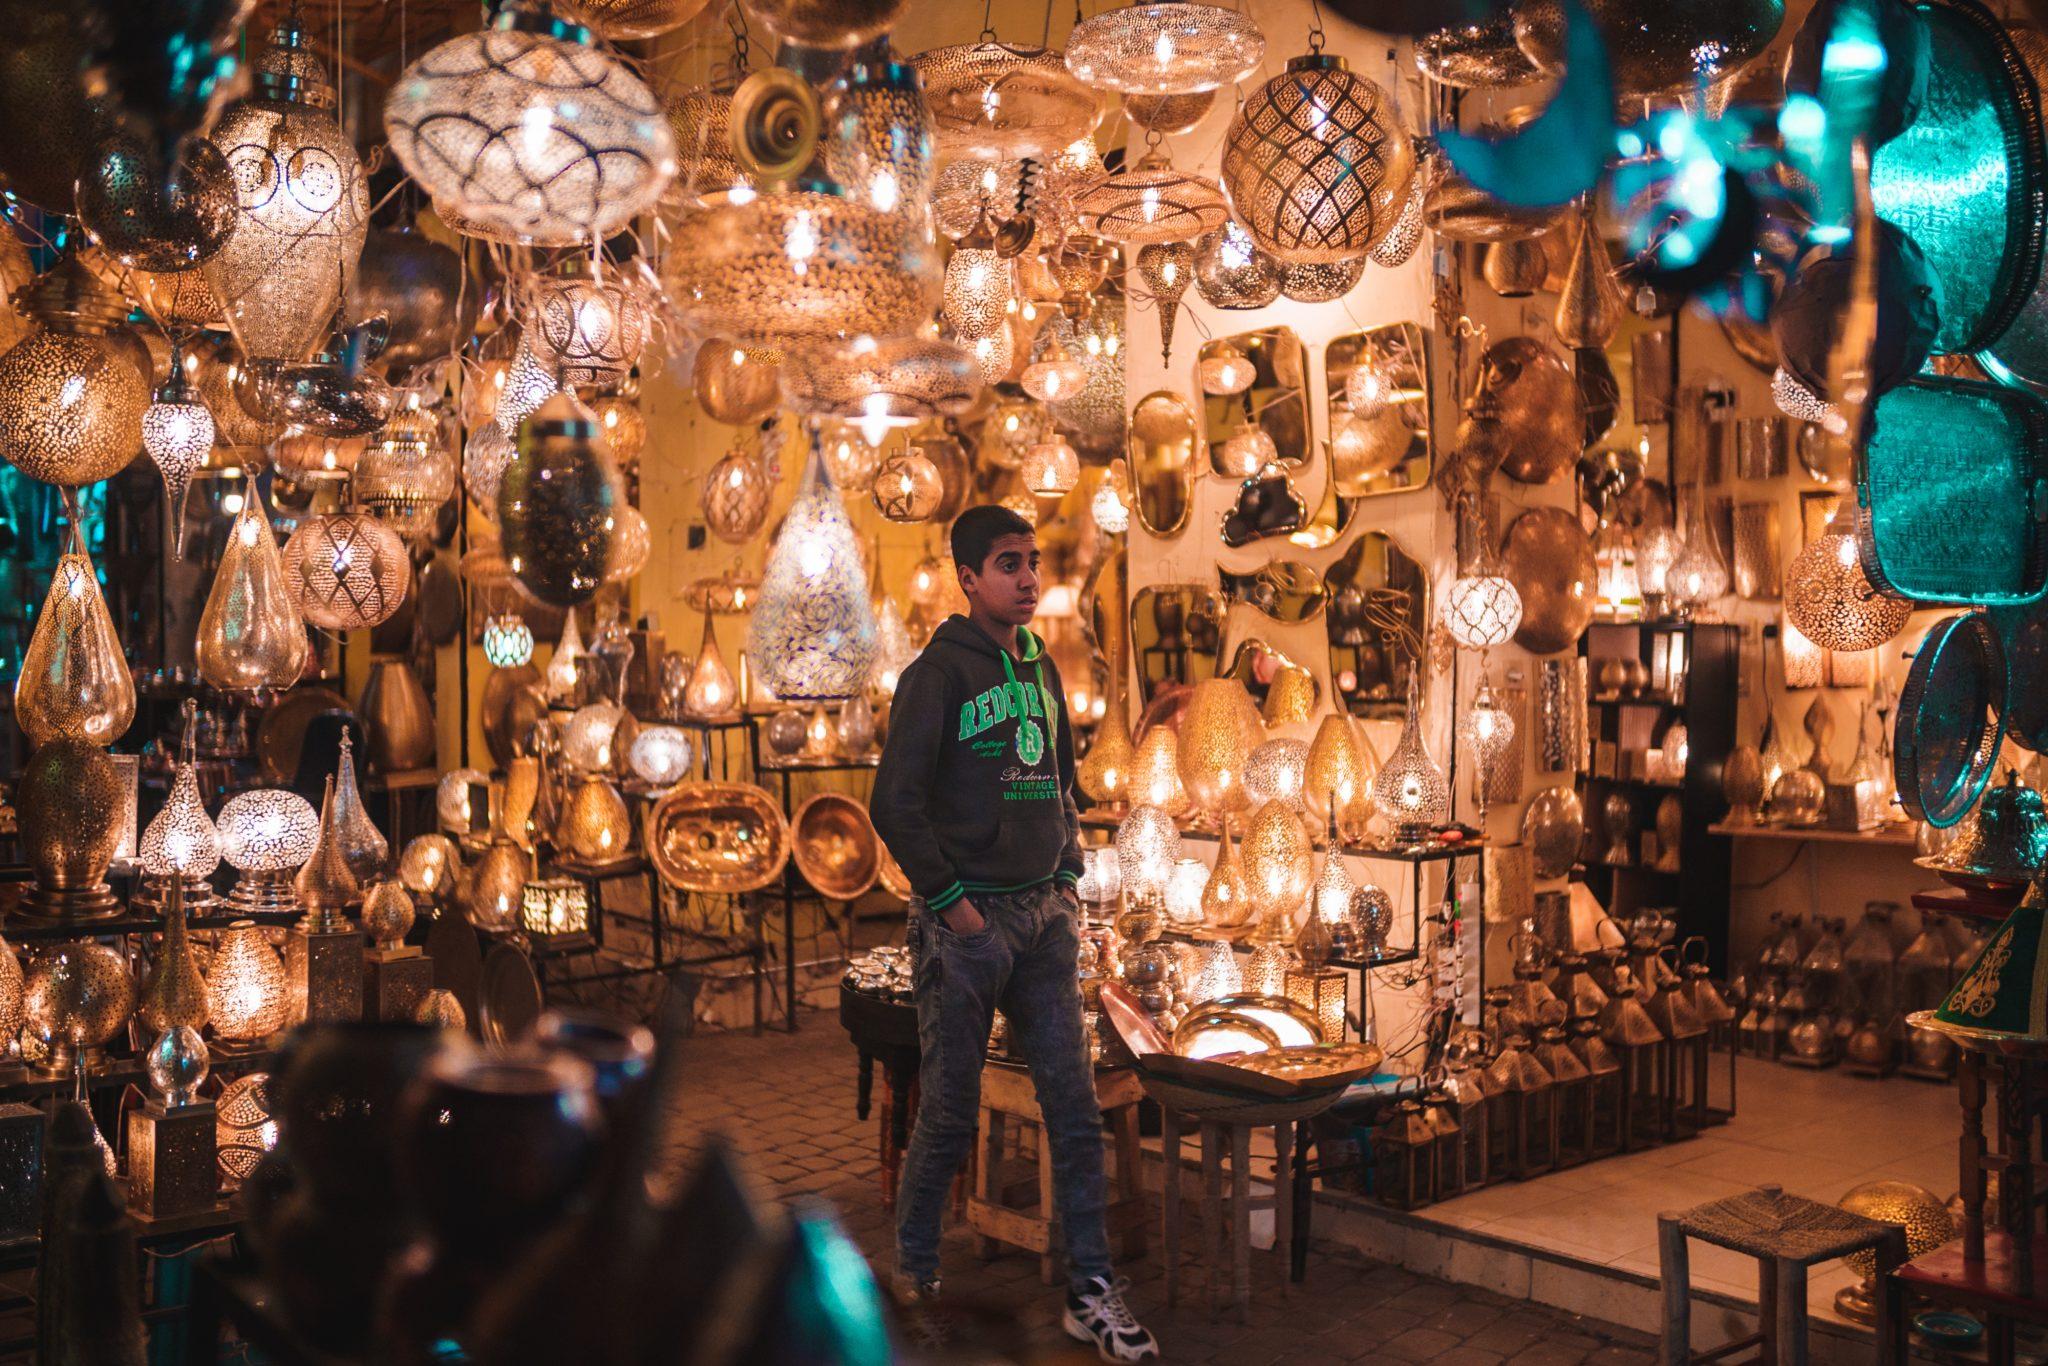 Travel - Morocco © Lucas Sinclair